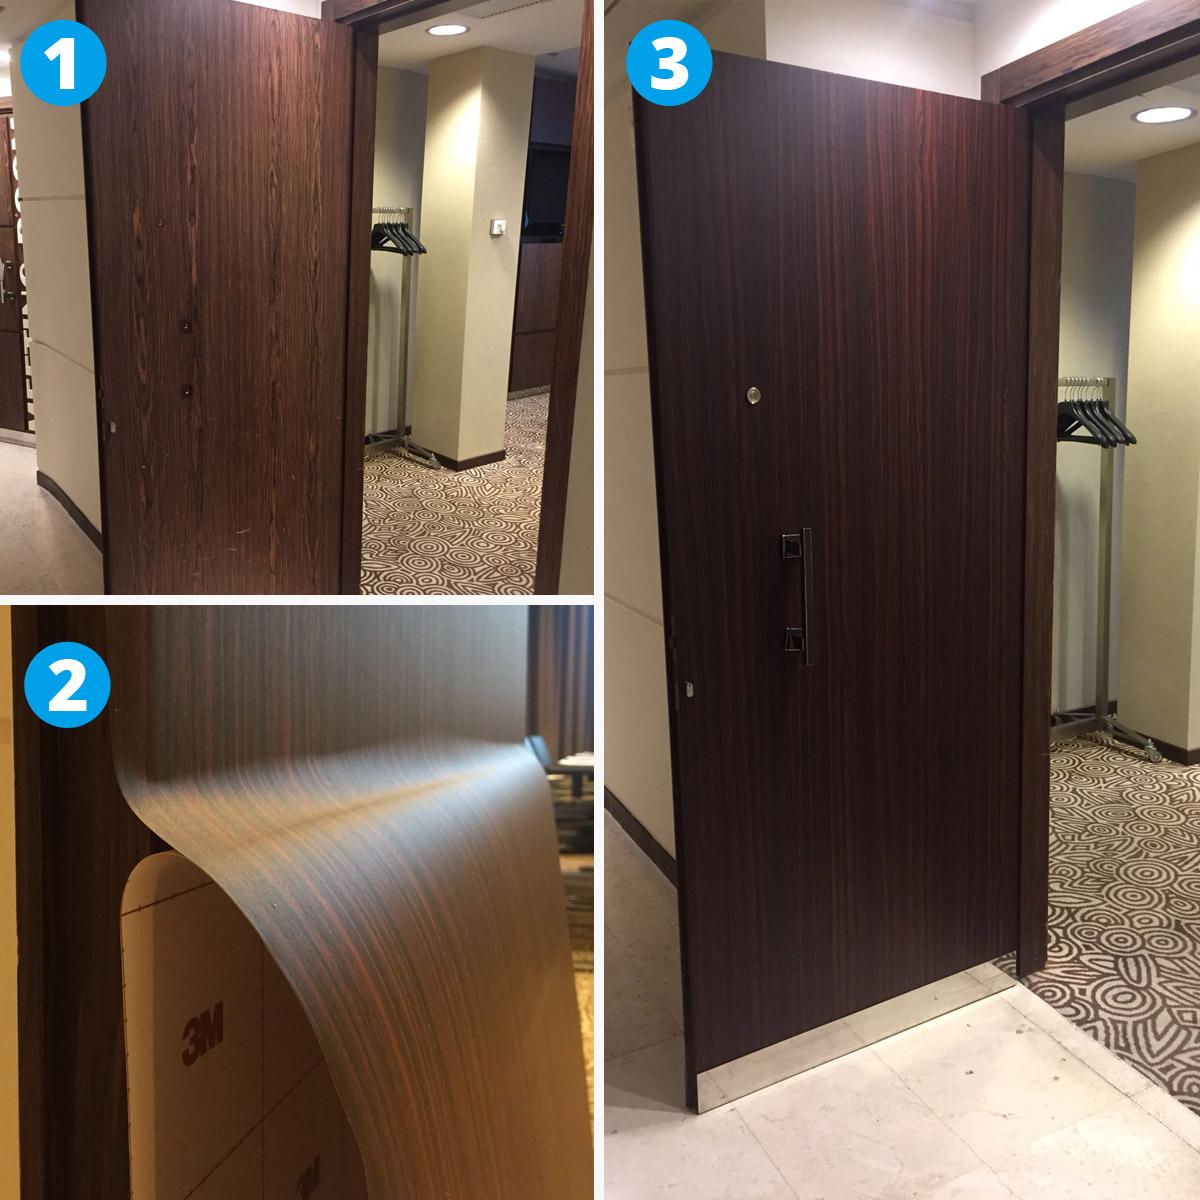 Riqualificazione di porte in albergo StarHotel in Milano